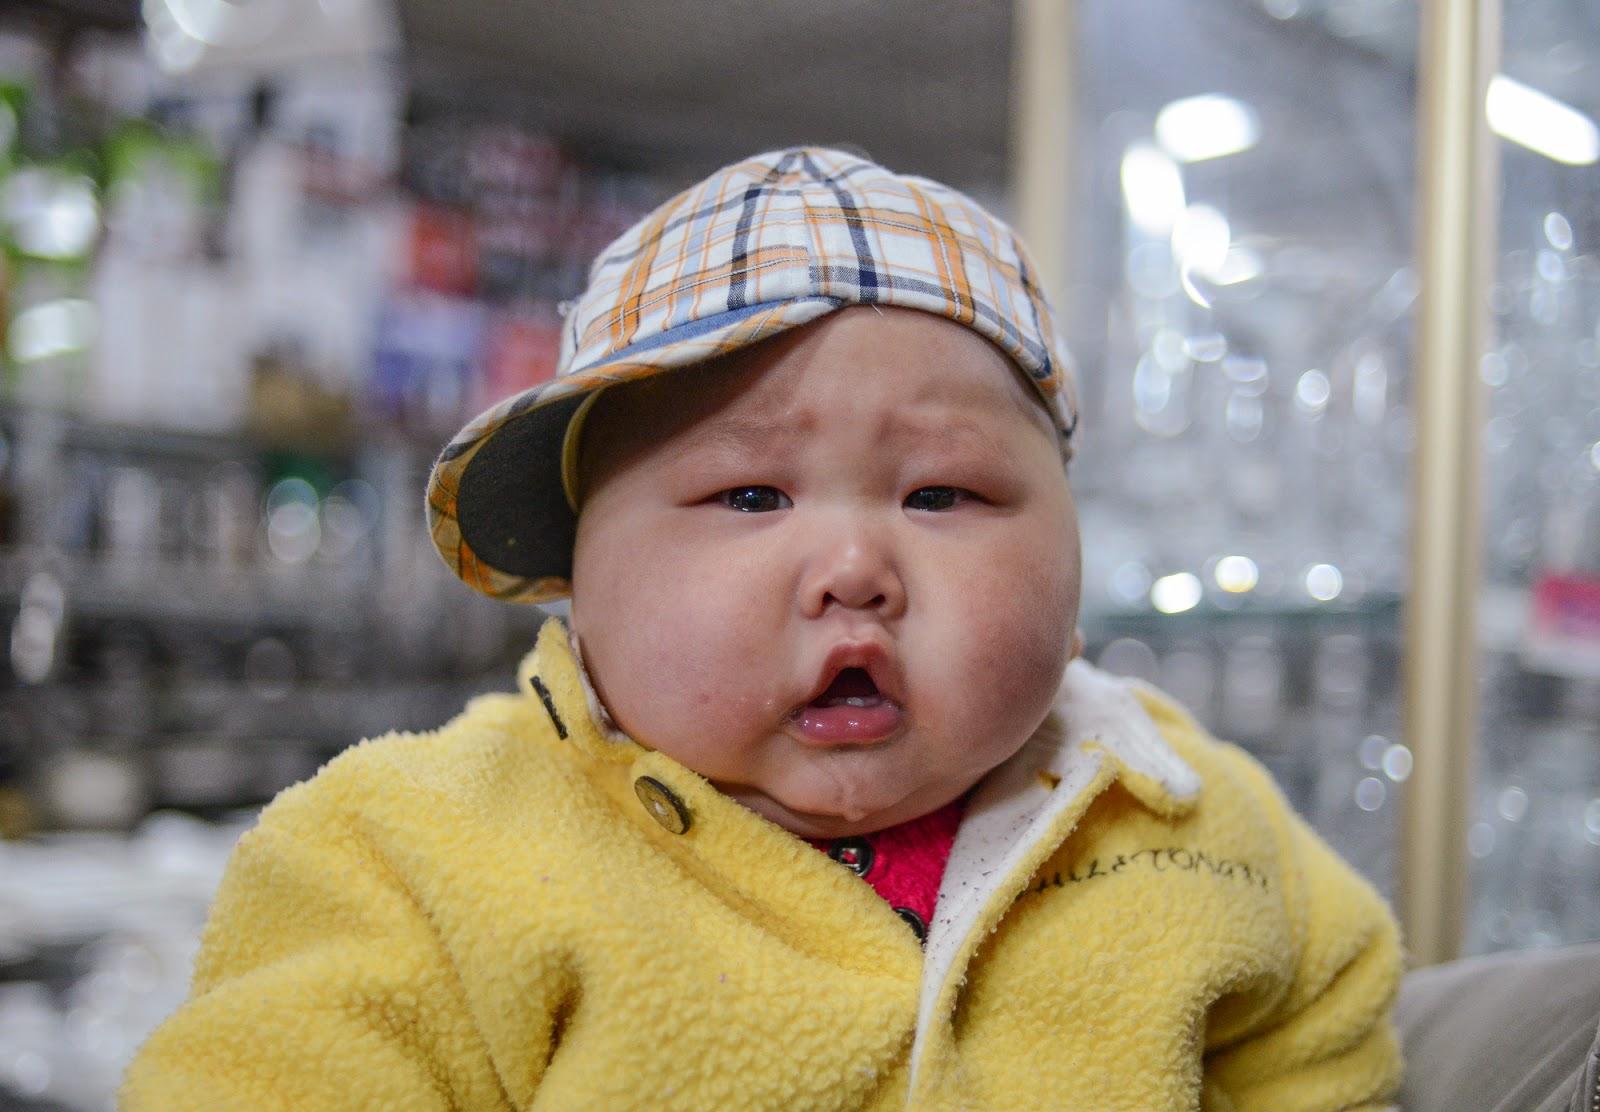 Foto bayi ganteng asal cina pakai topi kotak-kotak lucu banget